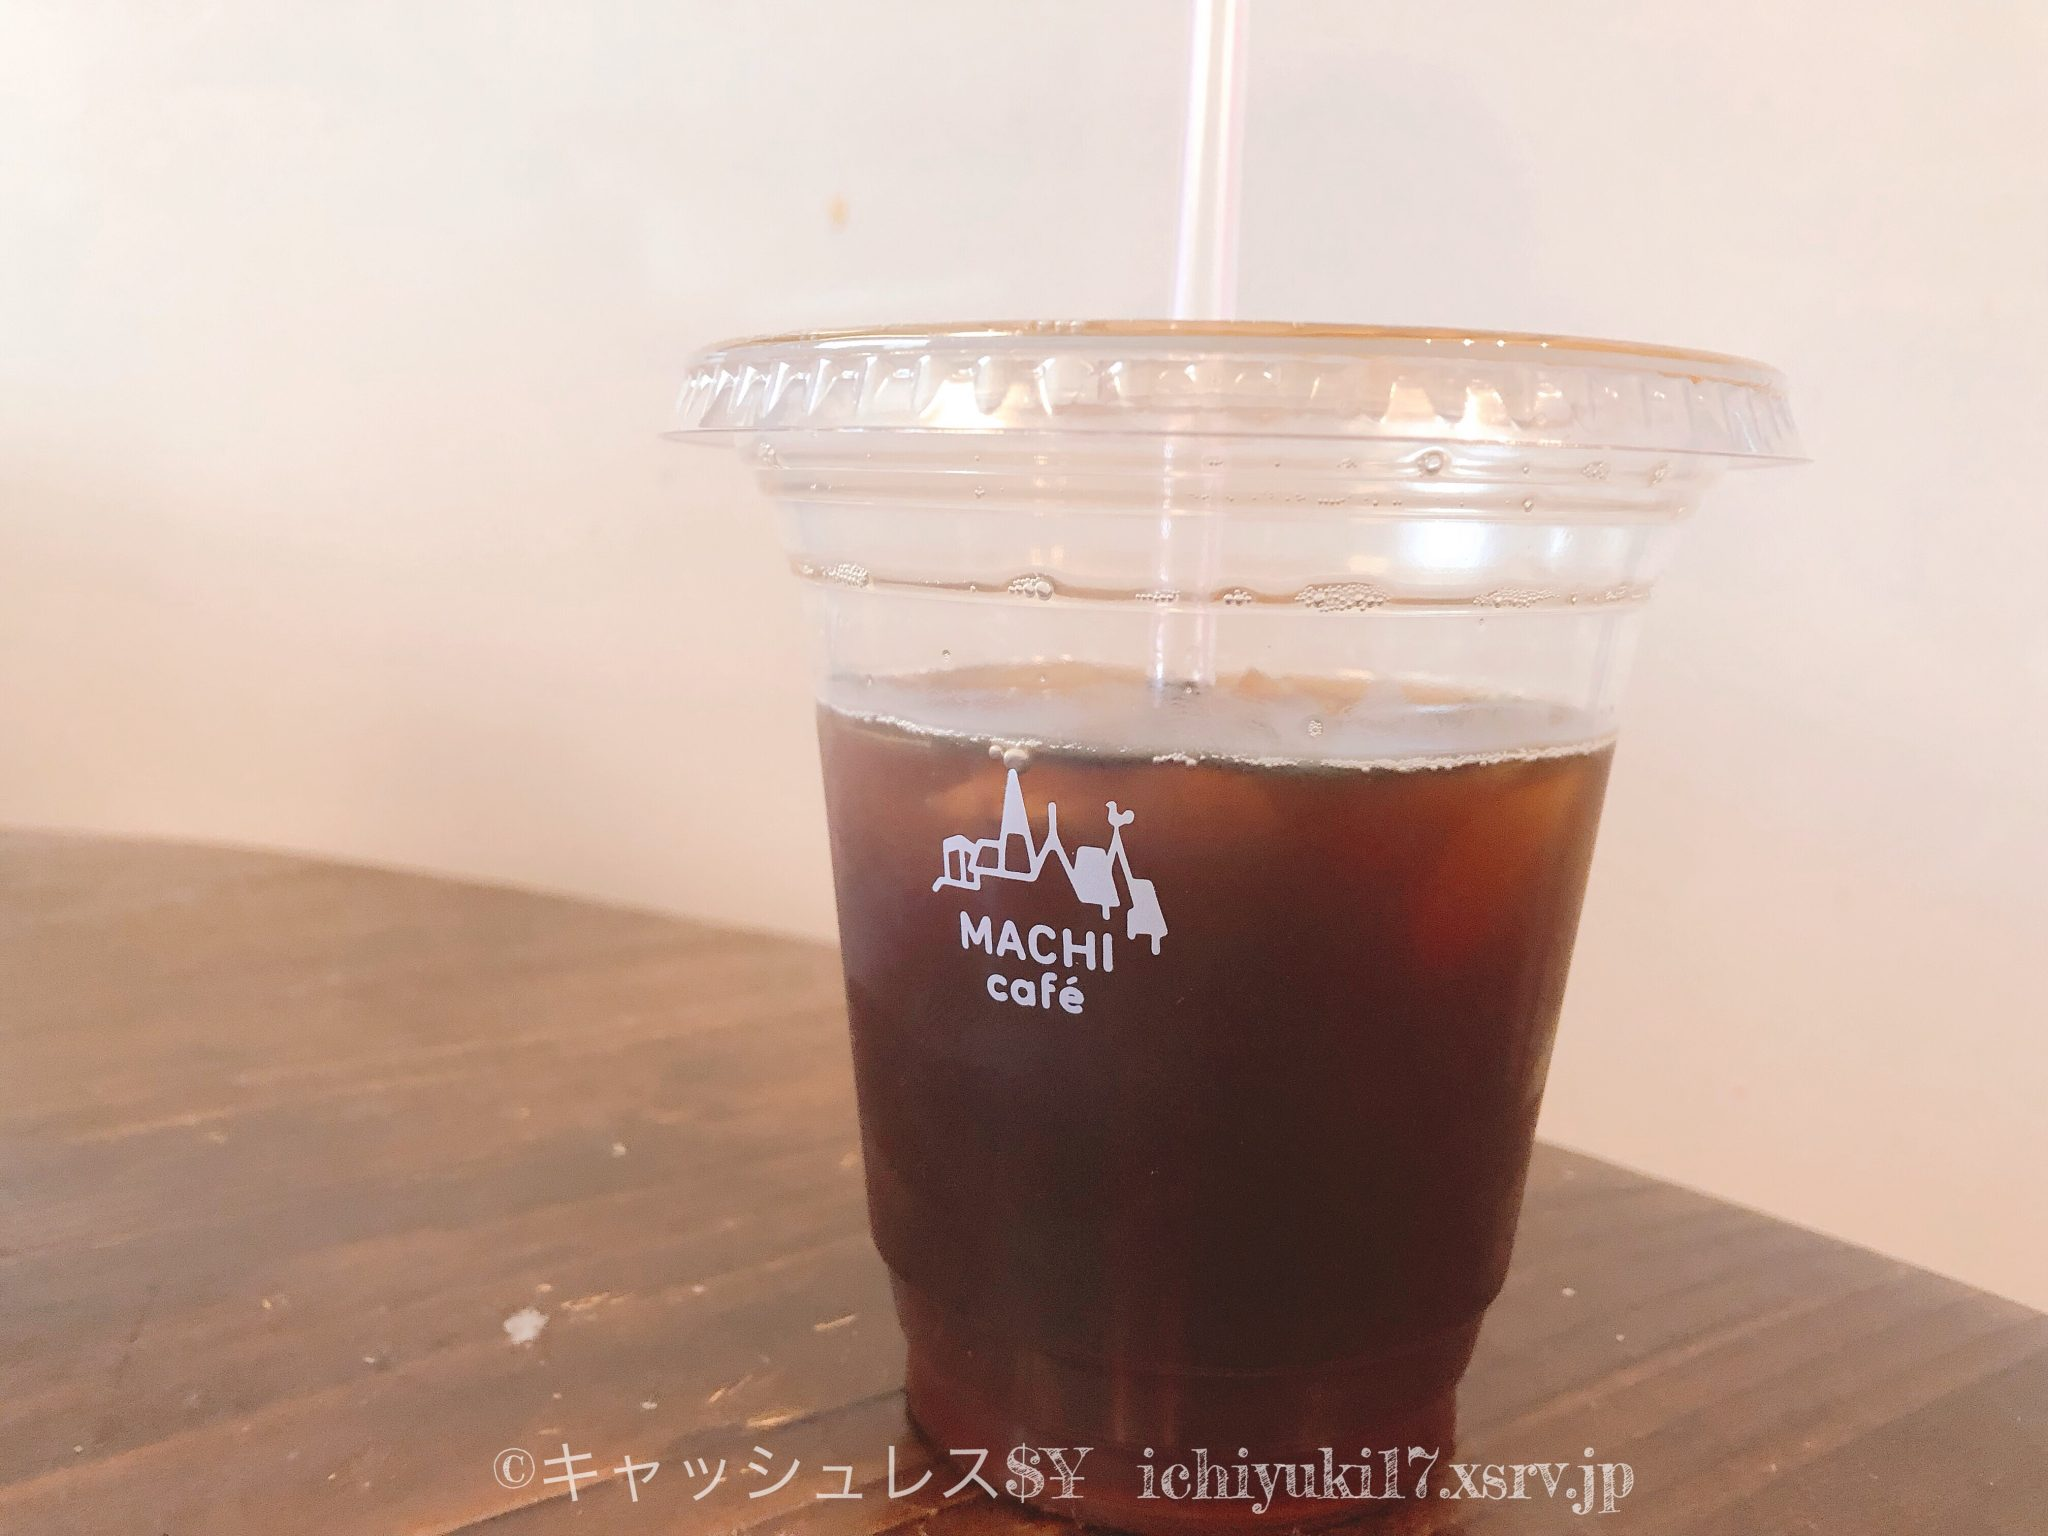 【メルペイローソンクーポン】マチカフェが半額